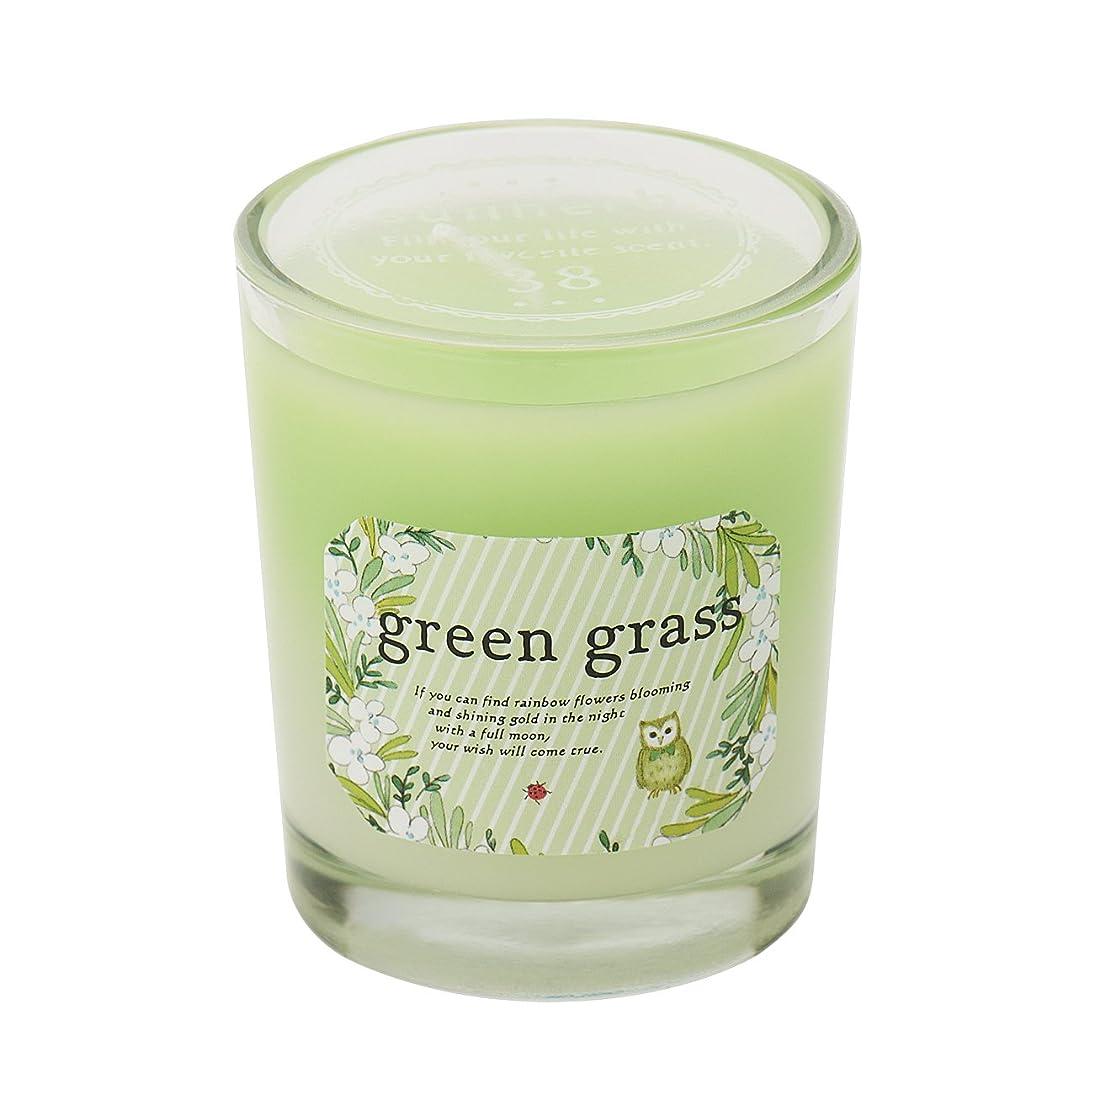 襲撃カートリッジ泥棒サンハーブ グラスキャンドル グリーングラス 35g(グラデーションろうそく 燃焼時間約10時間 爽やかでちょっと大人の香り)